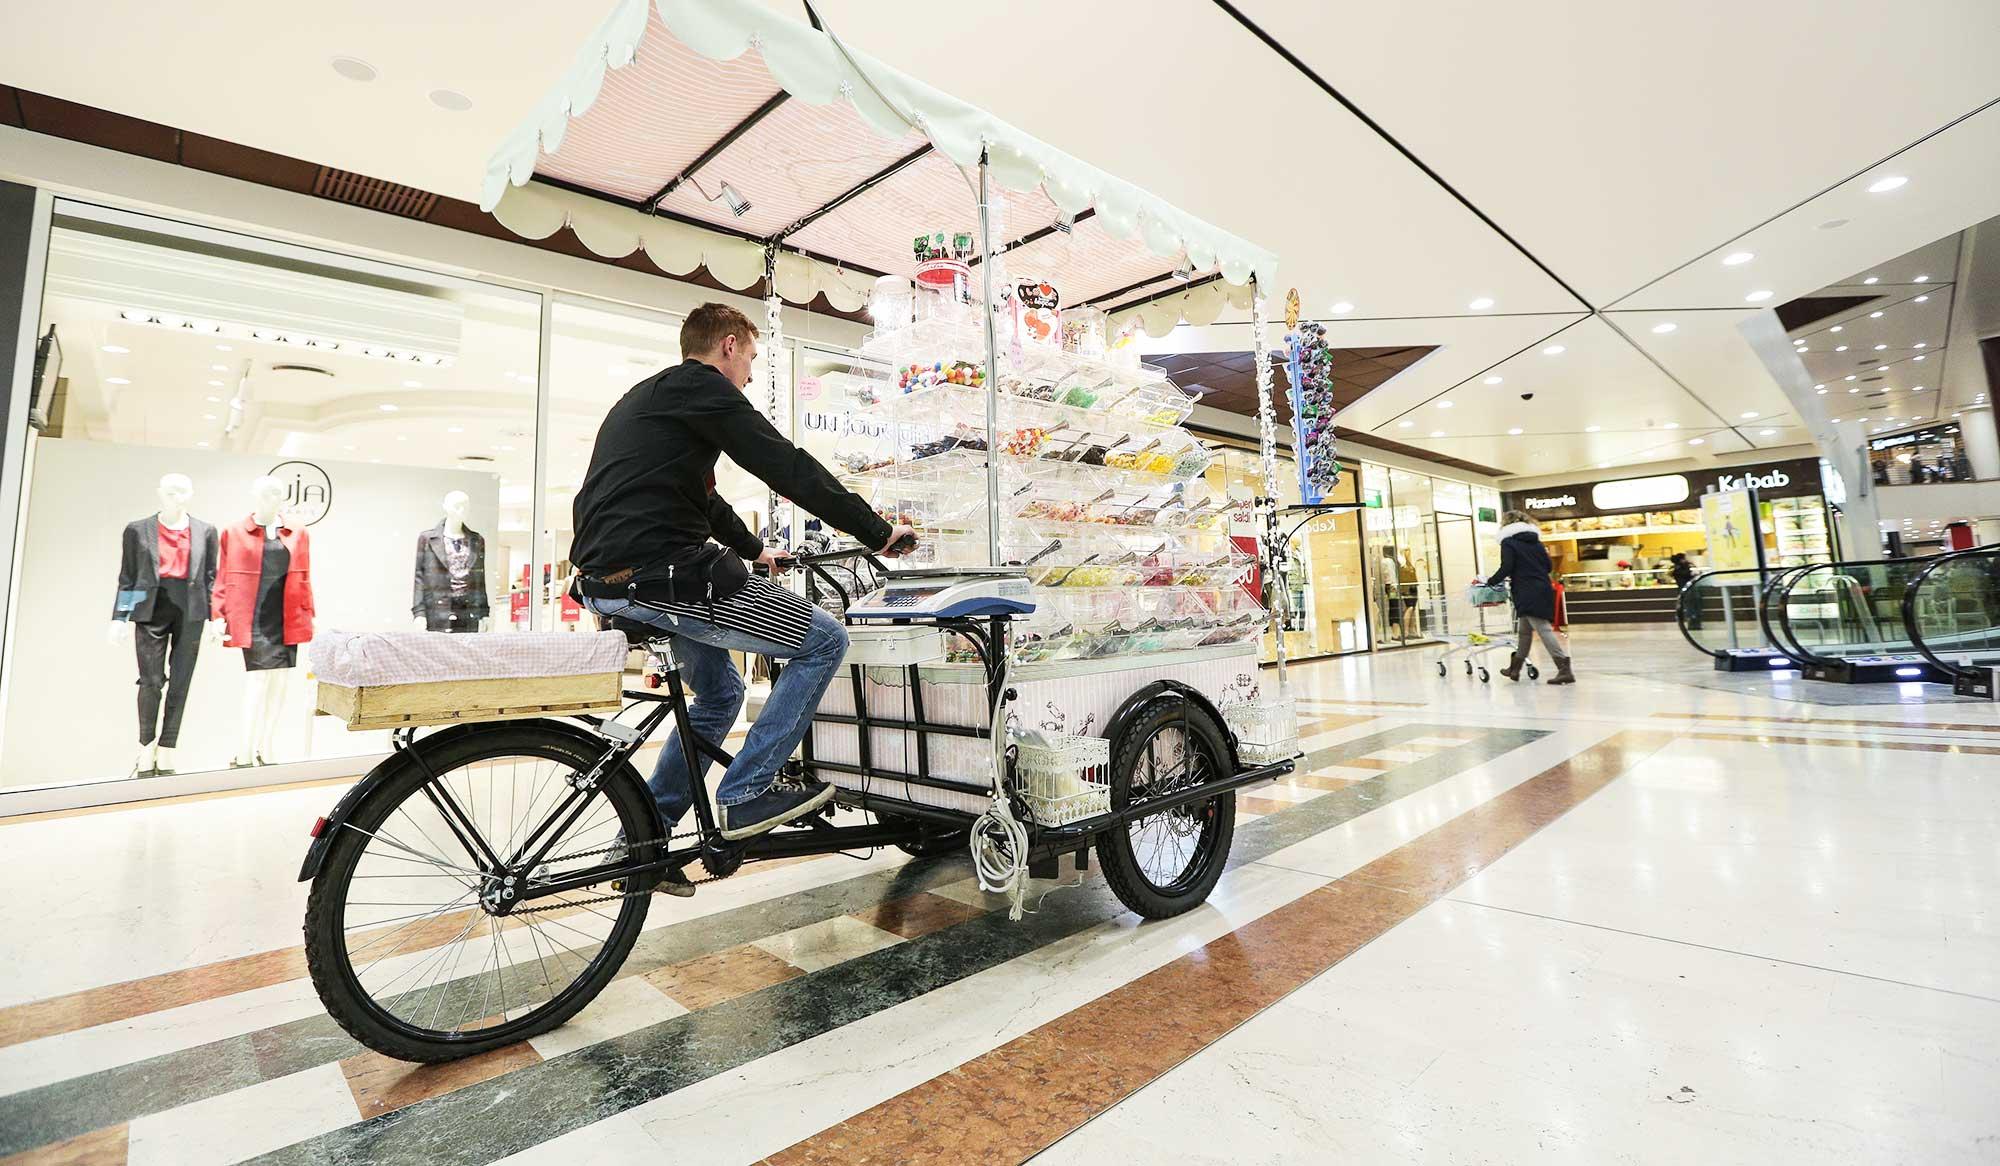 Sweety Poppin's - Eat&Smile - Maia Eventi - organizzazione mercatini artigiani ed eventi in piazze, strade e centri commerciali